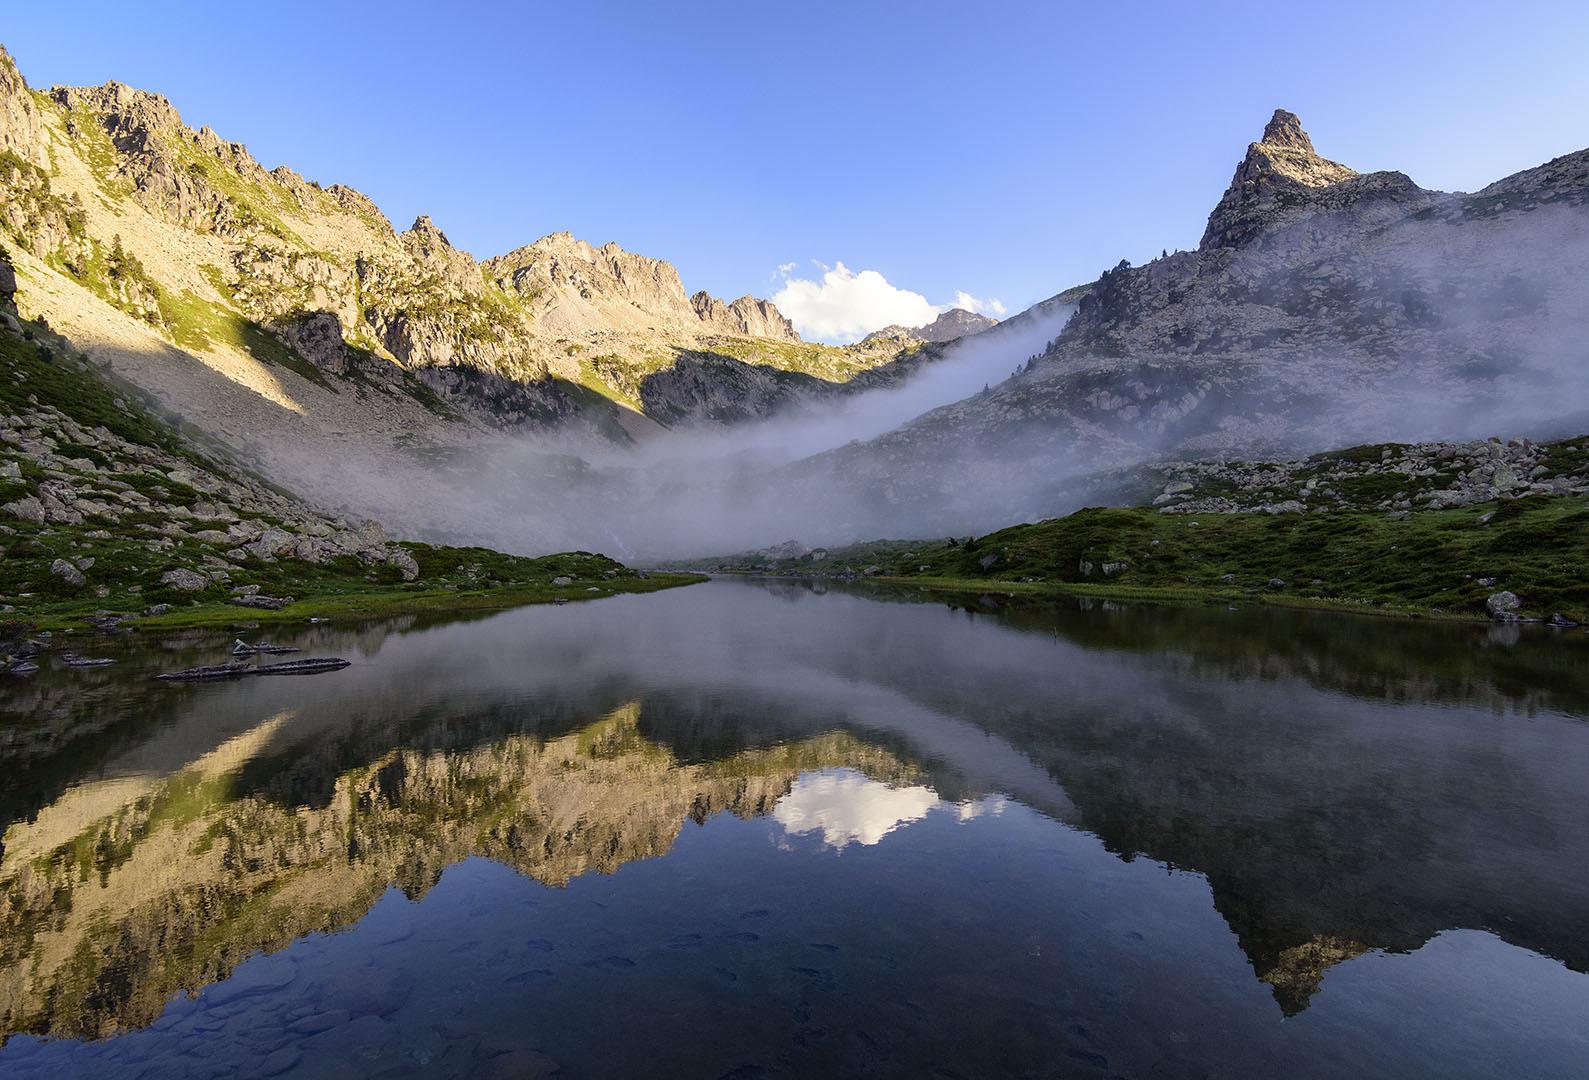 Caprichos nubosos - Archivo - Iñaki Larrea, Fotografía de naturaleza y montaña